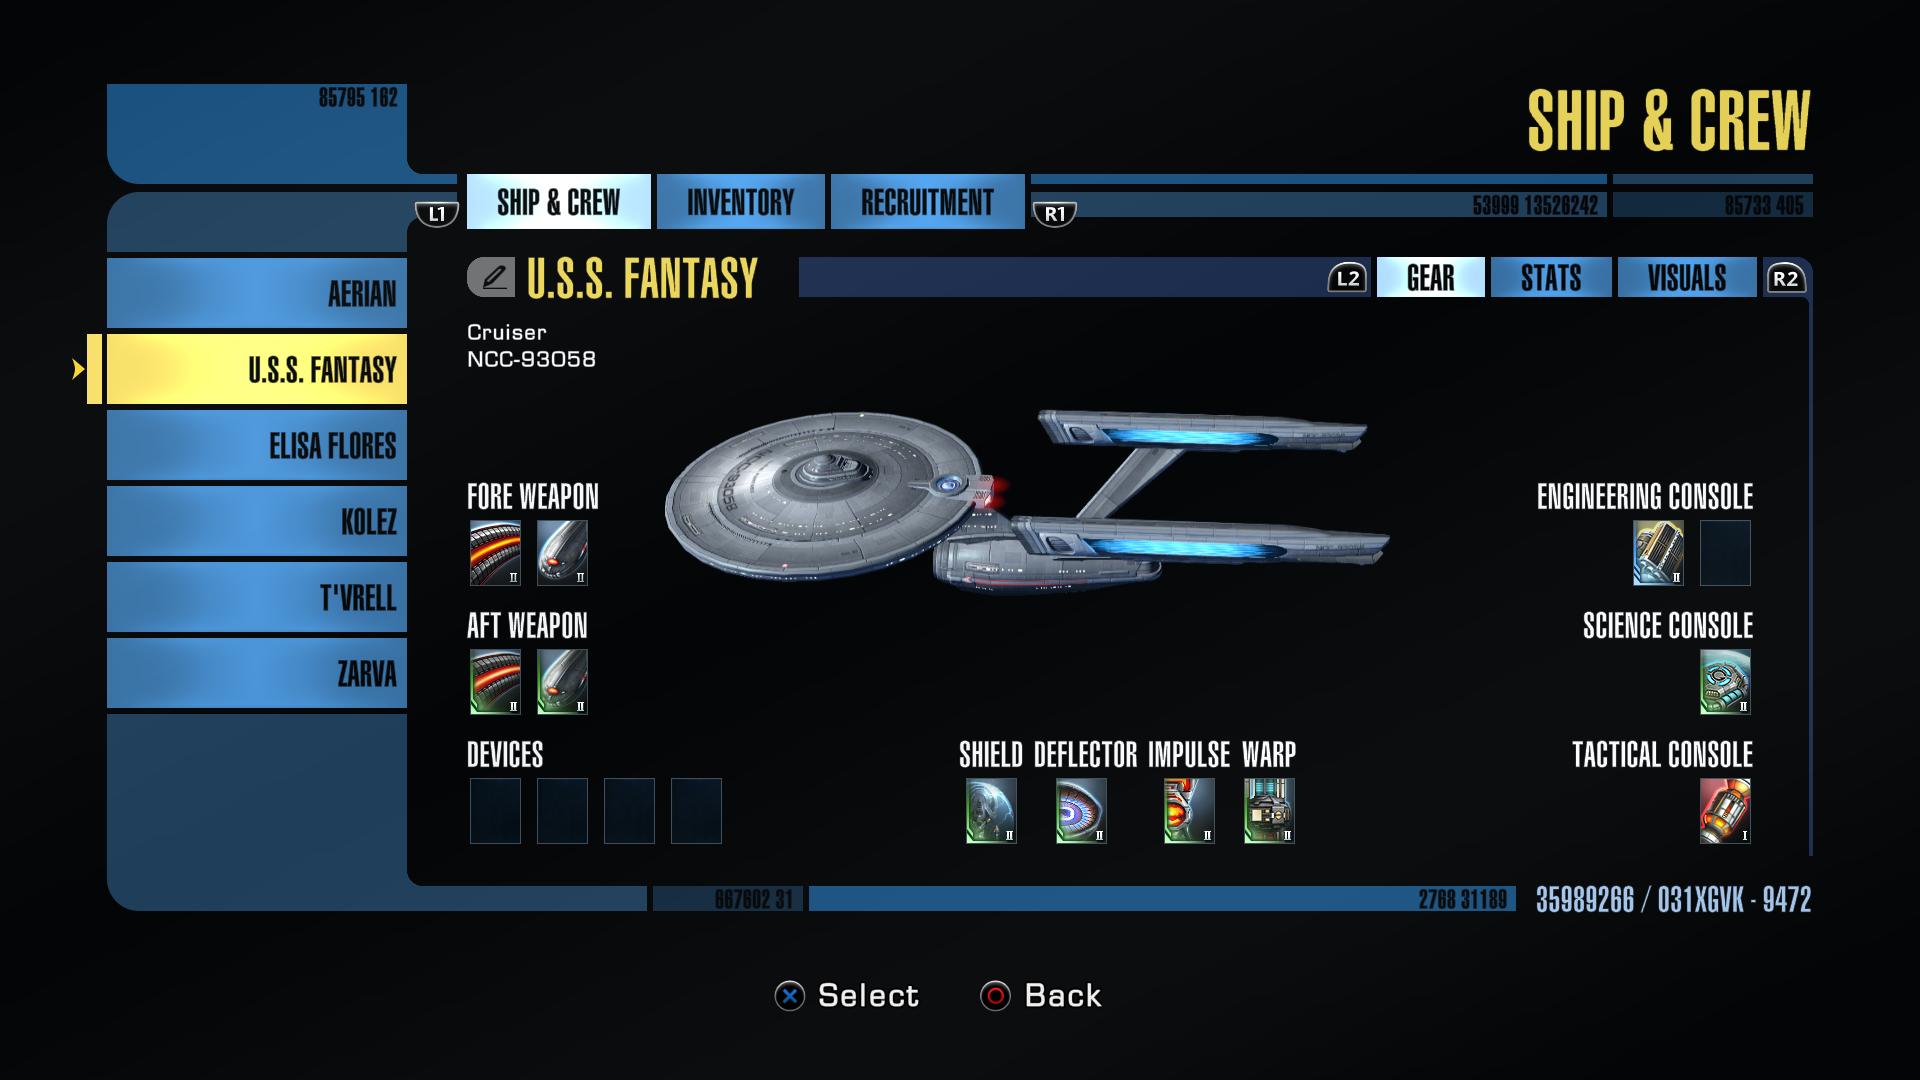 Star trek computer console - Star trek online console ...